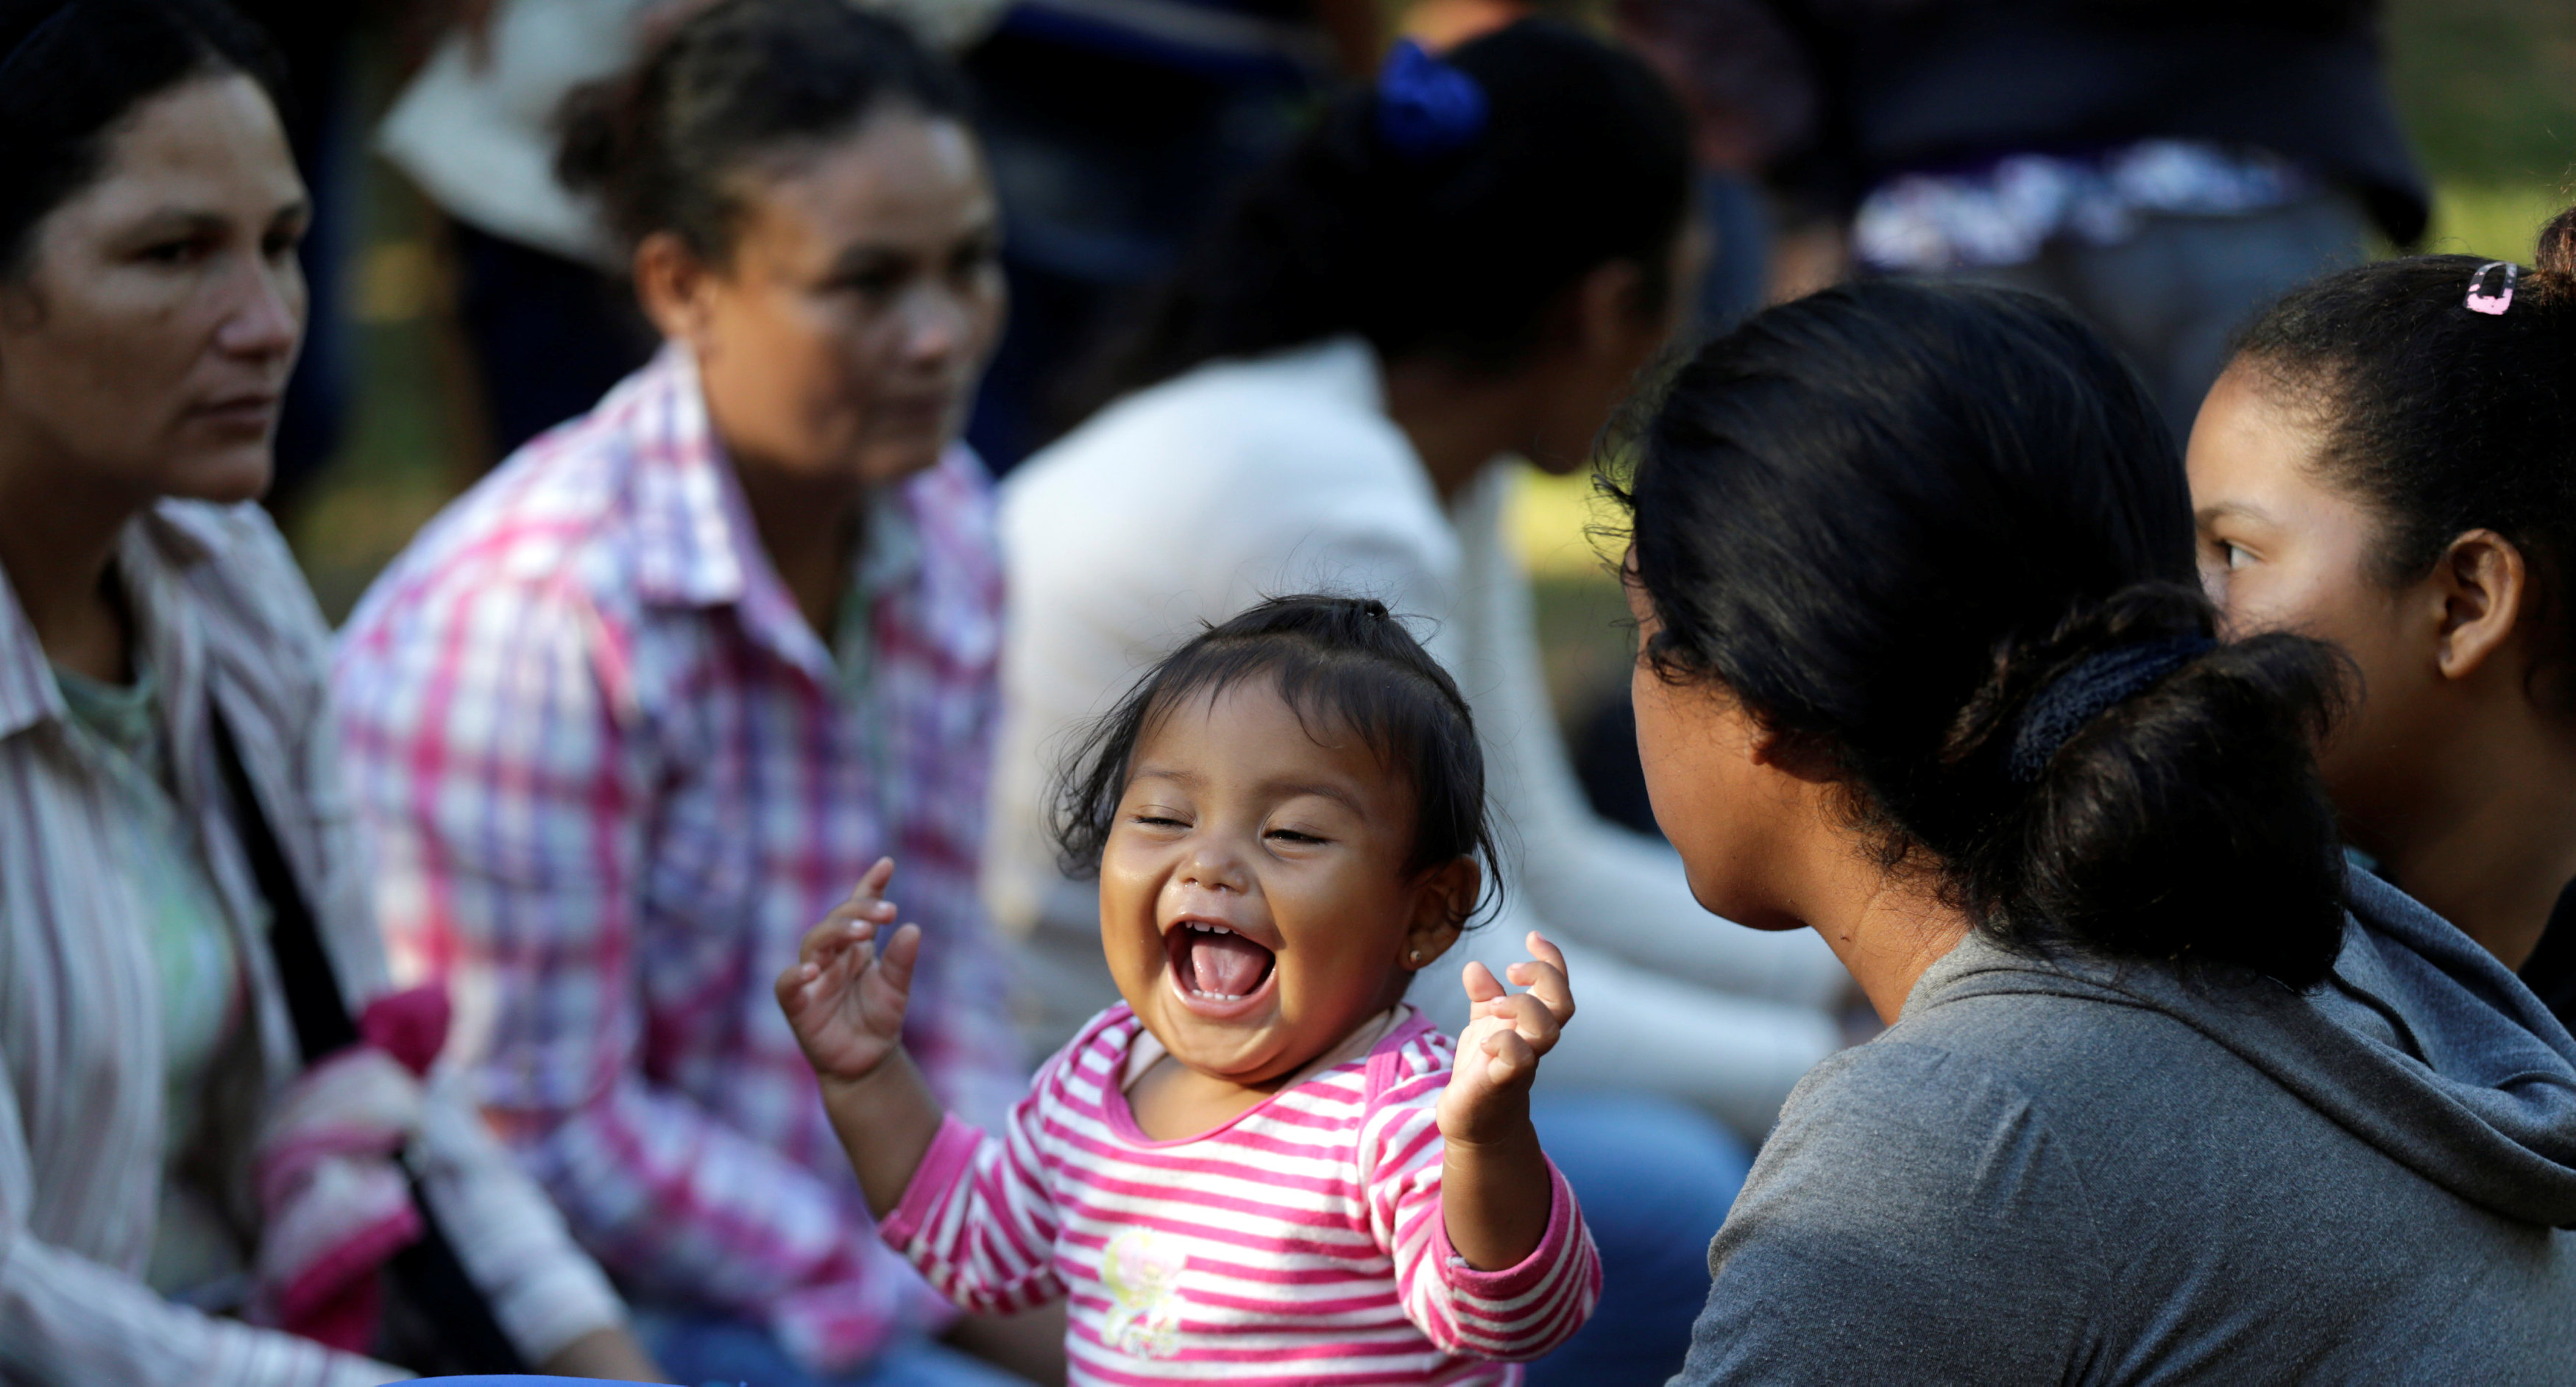 مشاركة الأطفال في تظاهرات باراجواى